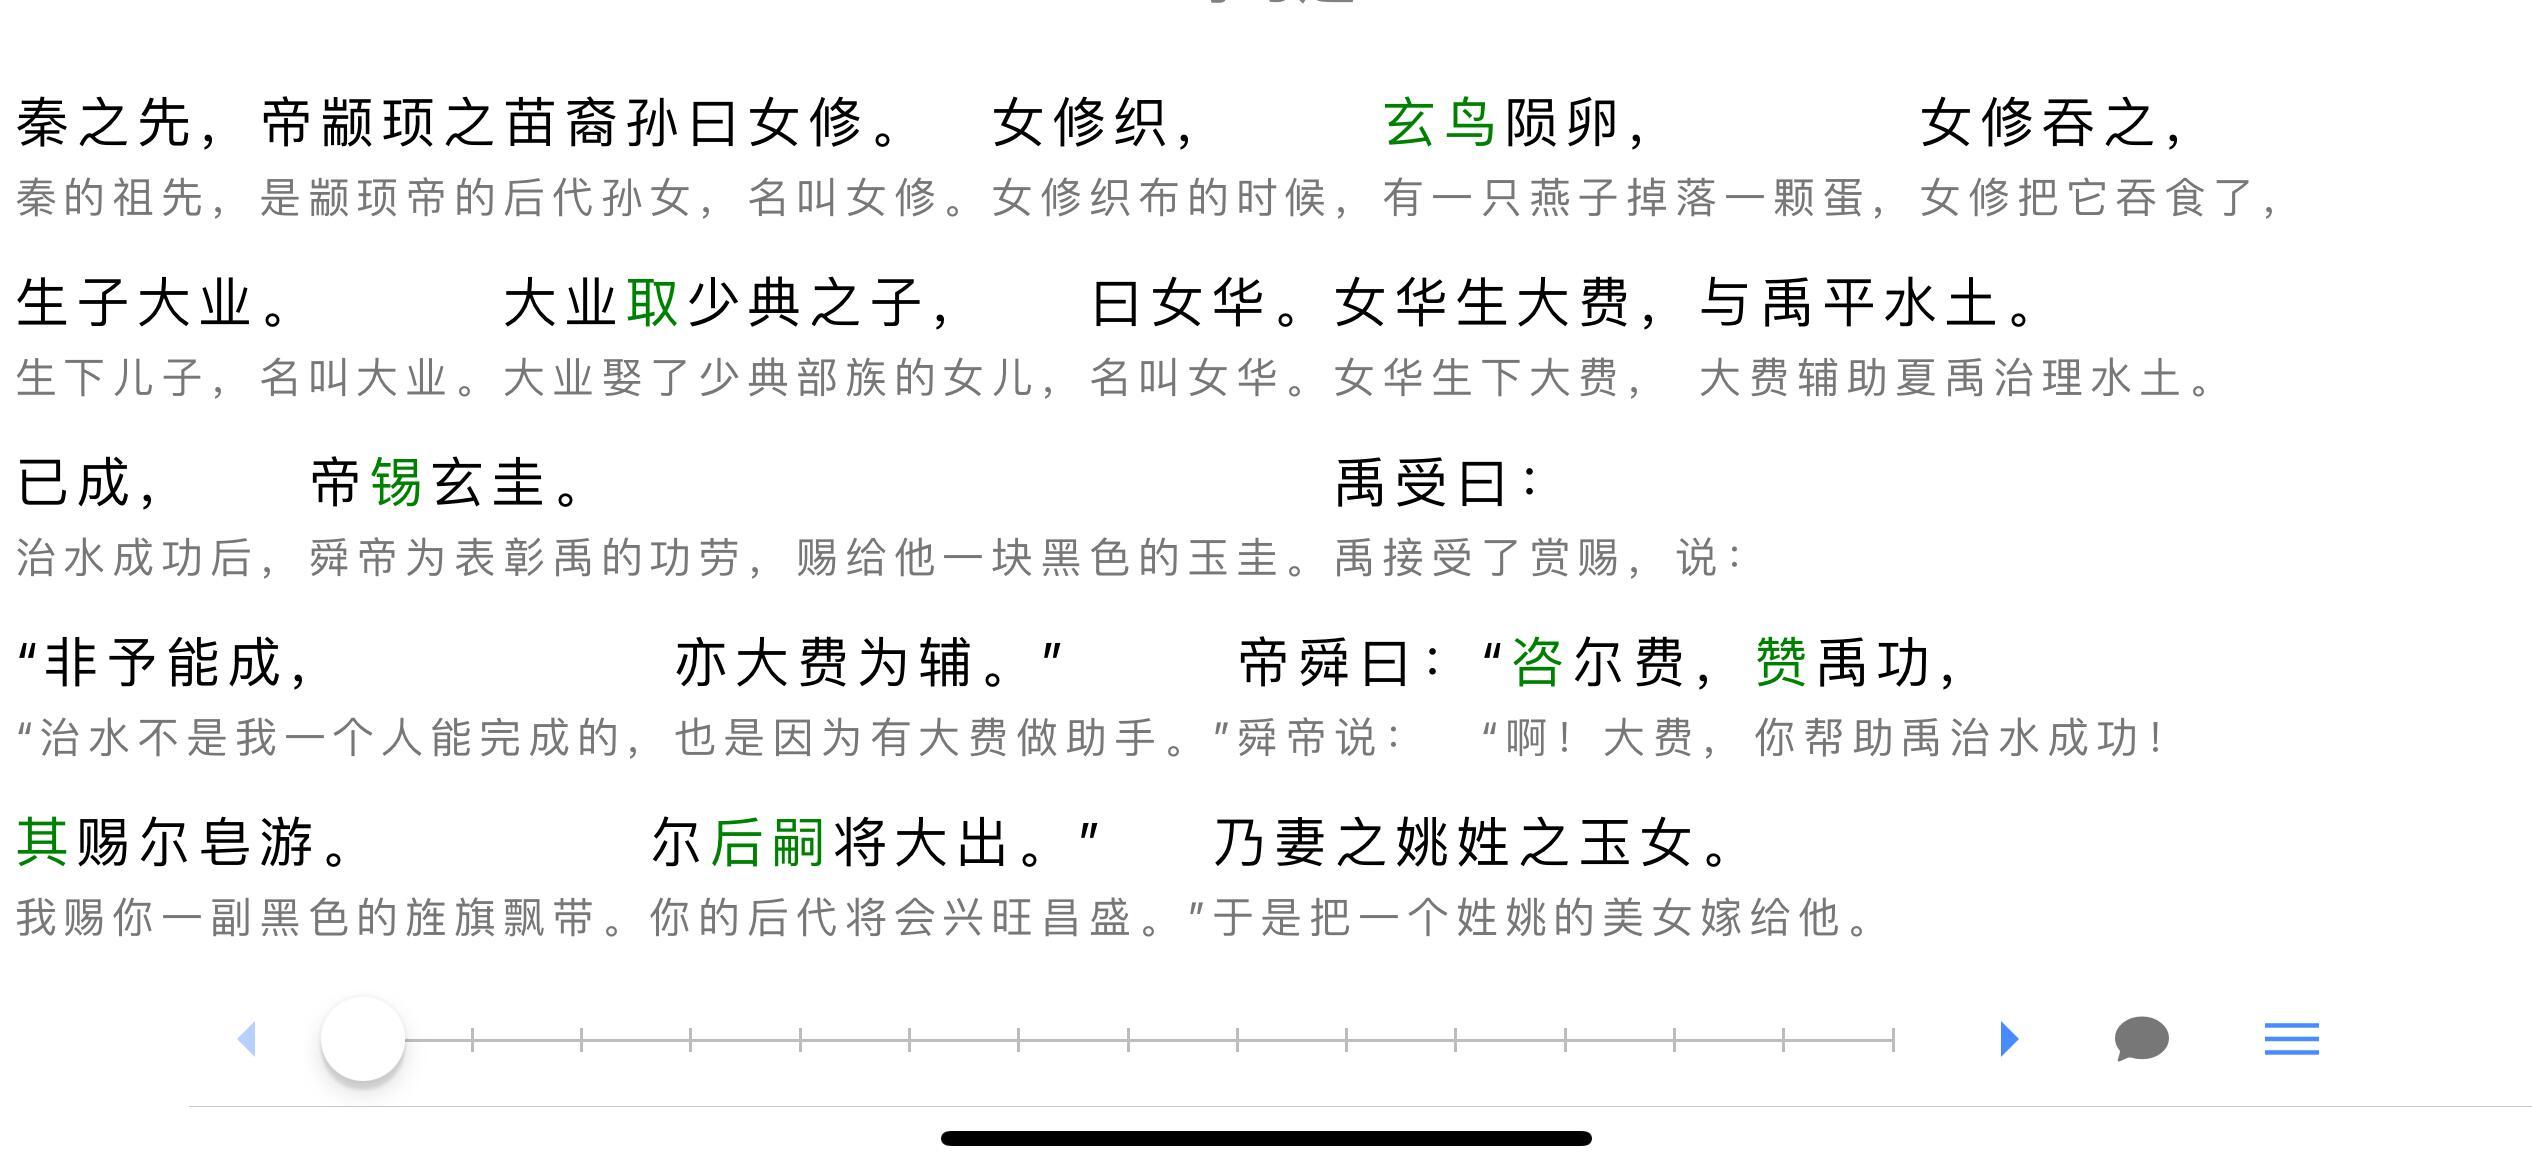 读典籍 - 语文老师背书推荐,读懂《史记》《资治通鉴》《三国志》等 47 部典籍